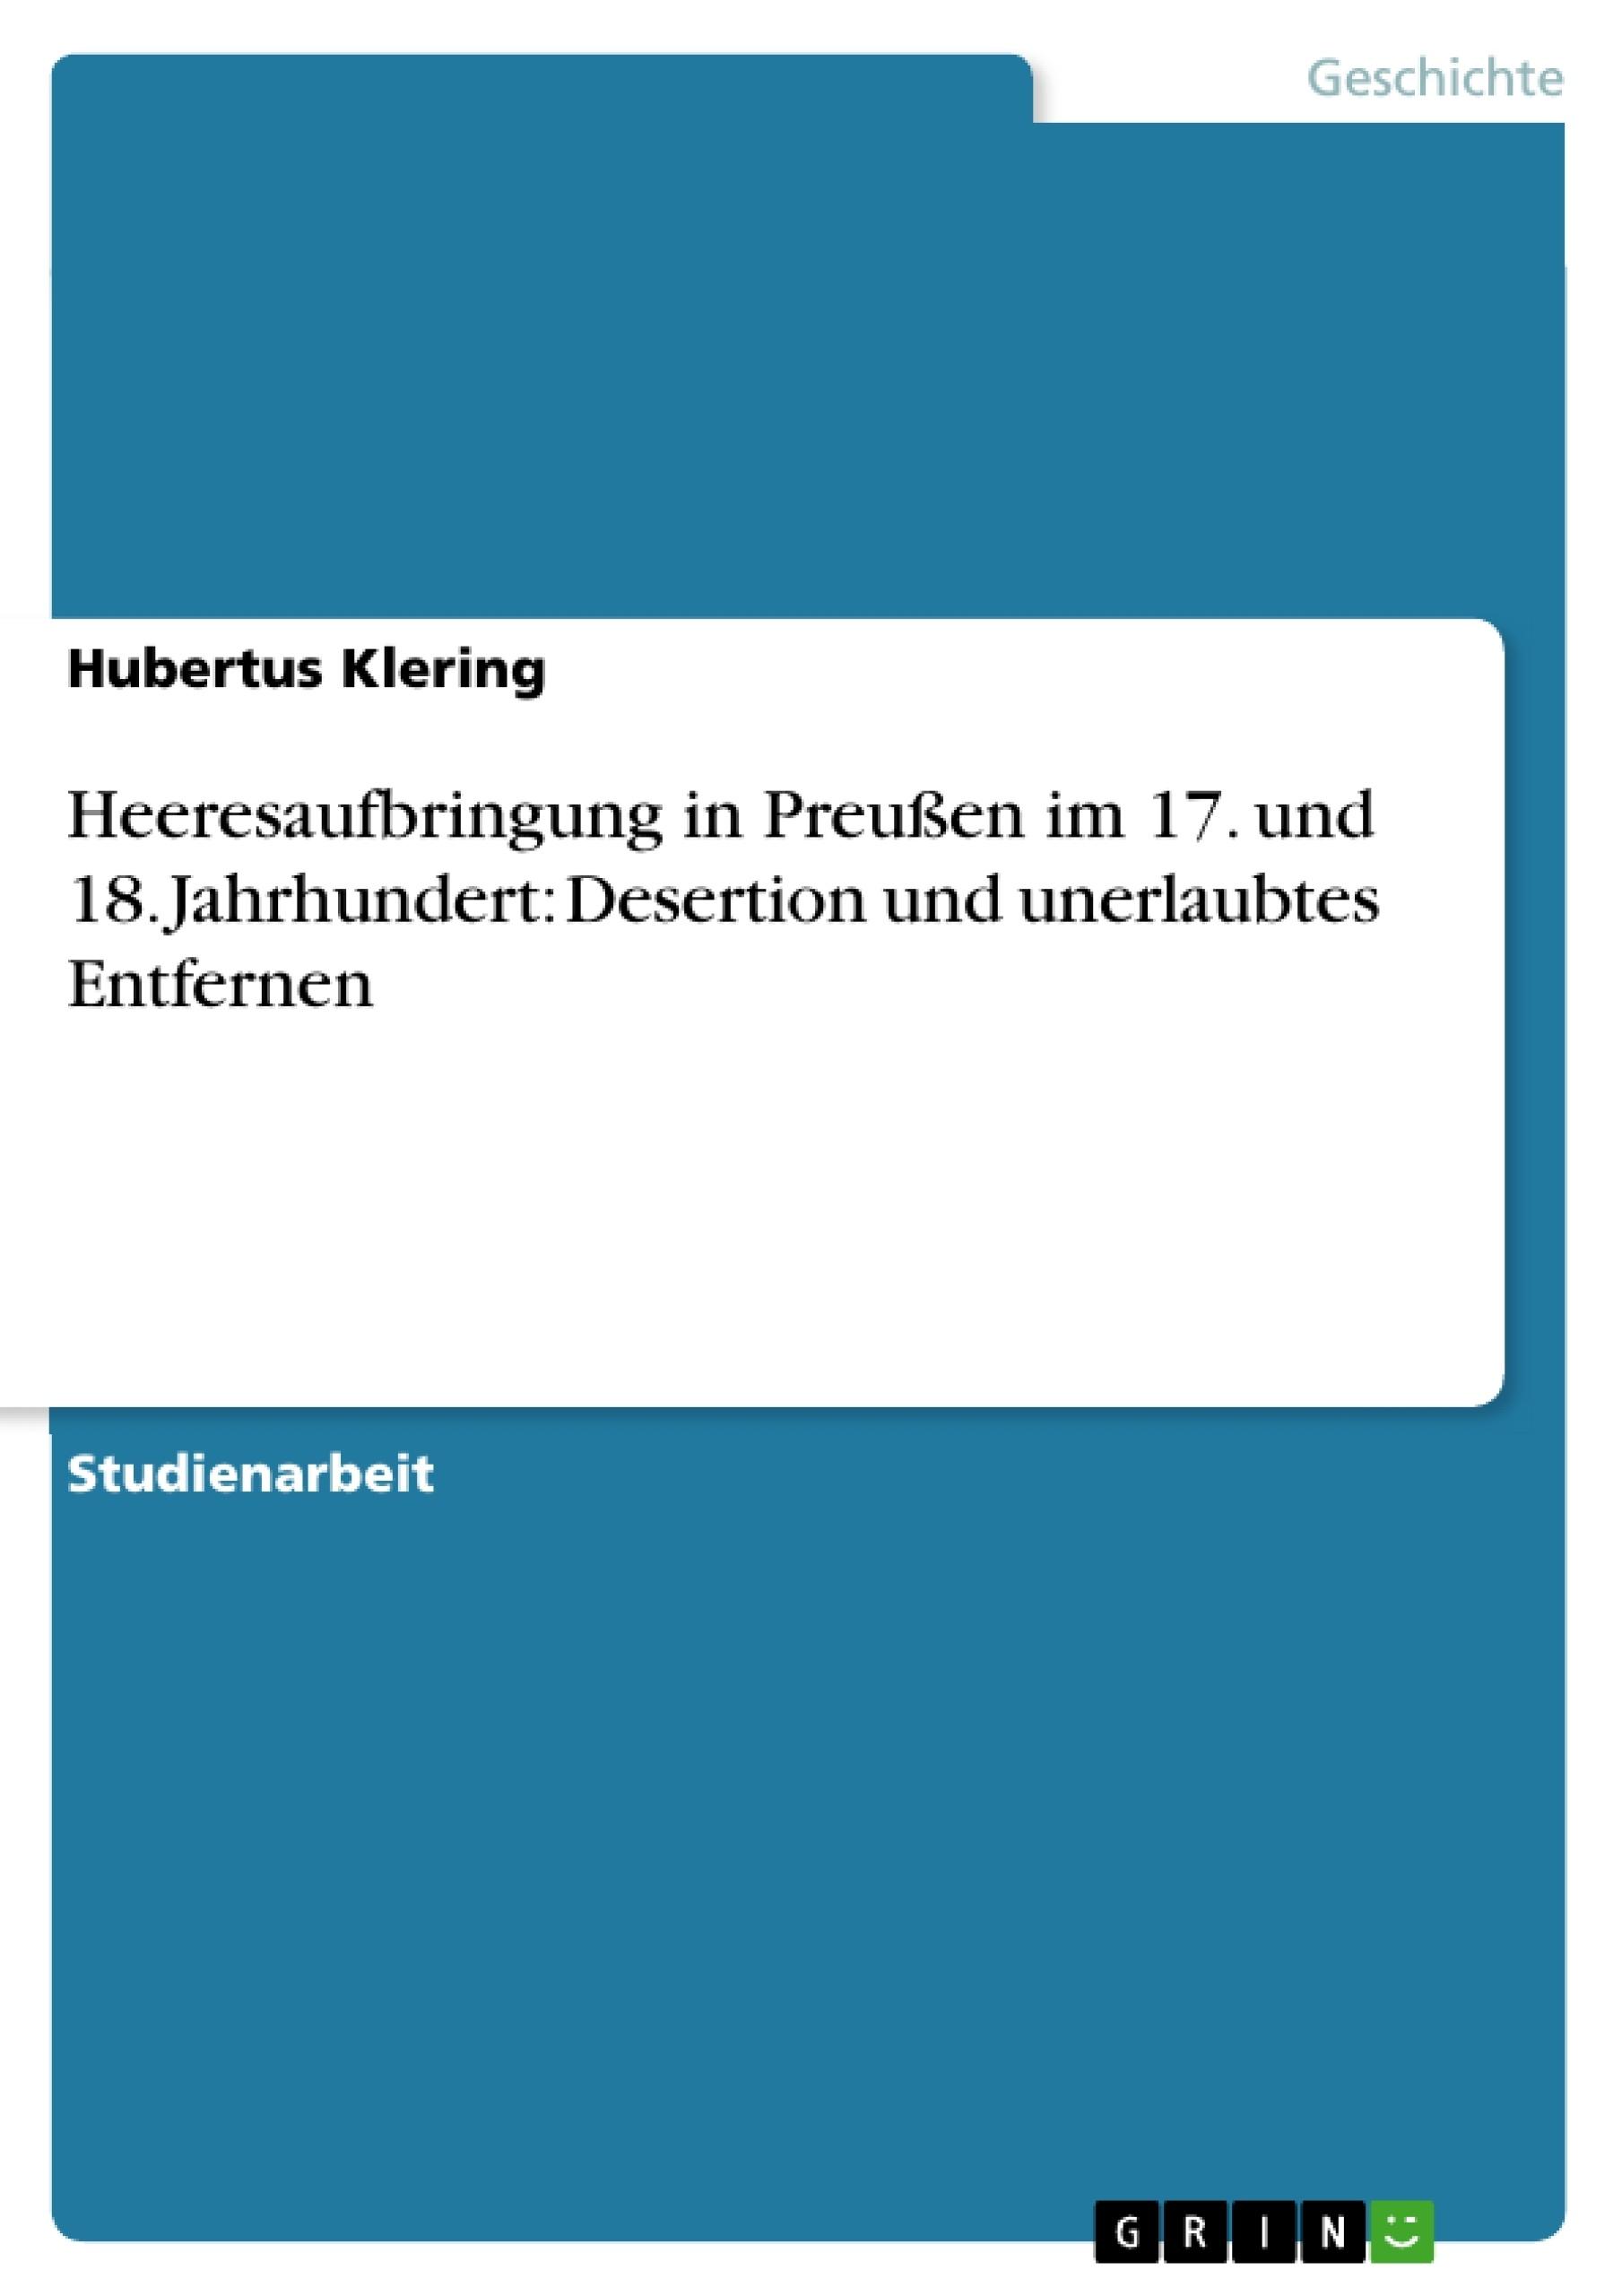 Titel: Heeresaufbringung in Preußen im 17. und 18. Jahrhundert: Desertion und unerlaubtes Entfernen